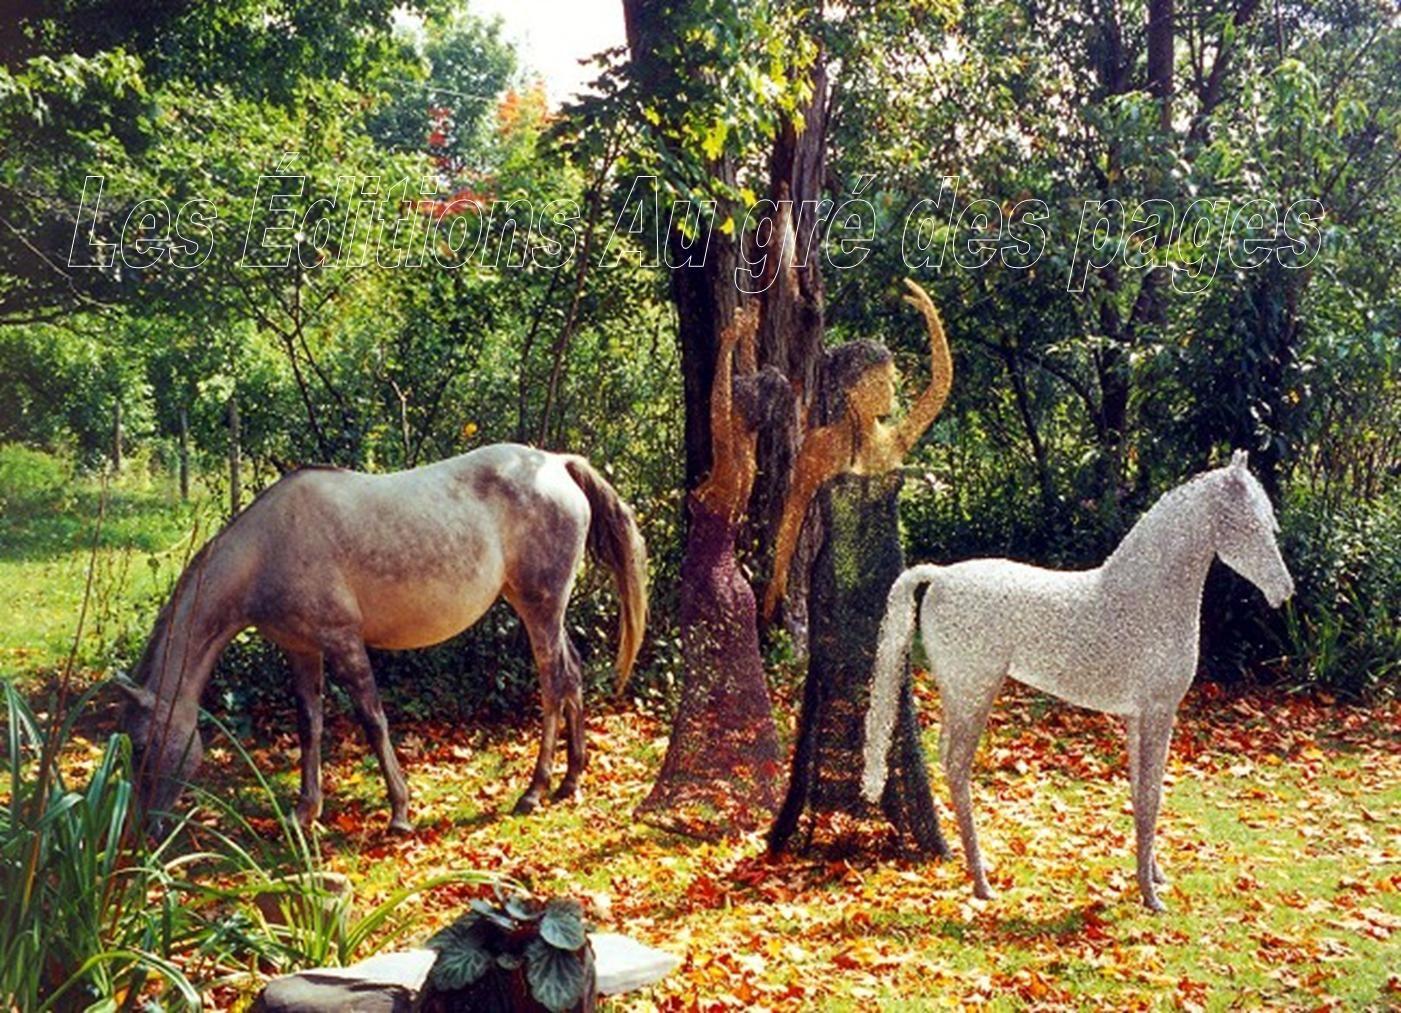 À gauche : un vrai cheval. Au milieu et à droite : une danseuse et un cheval confectionnés en grillage à poules par Jocelyn Roy, habile artiste d'Irlande.